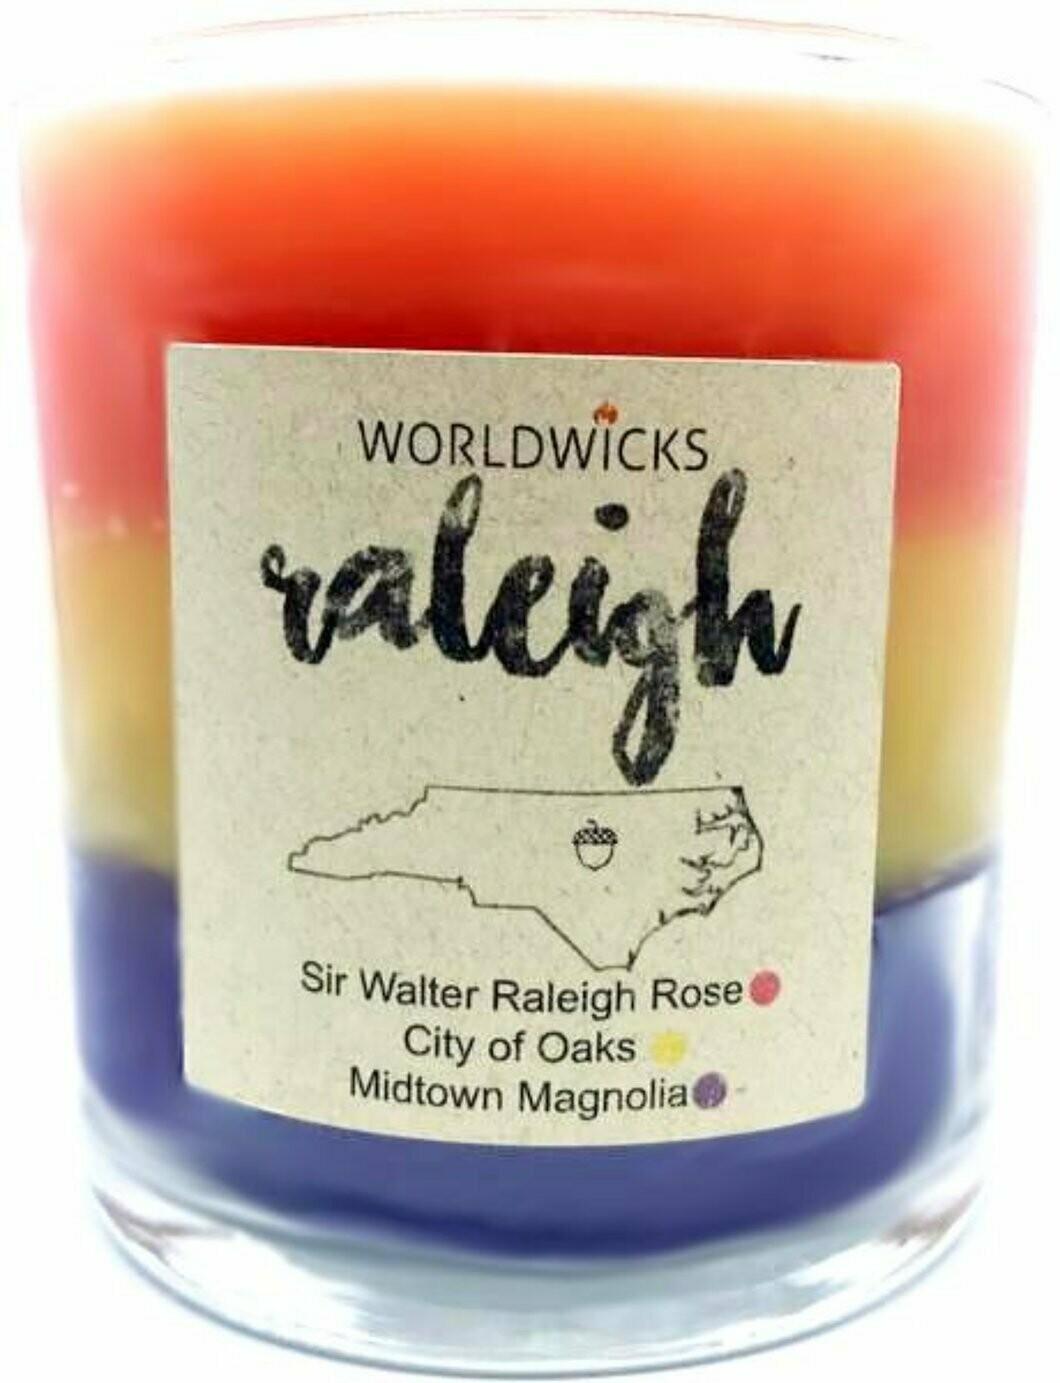 Worldwicks Raleigh